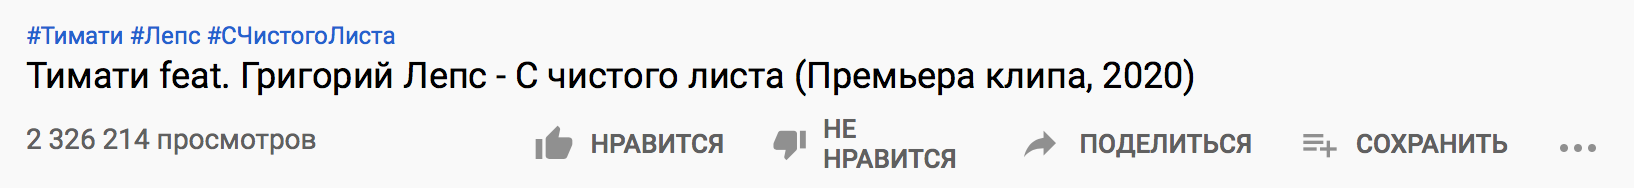 На новый клип Тимати на YouTube обрушились тысячи дизлайков. Но у рэпера готов проверенный способ это исправить